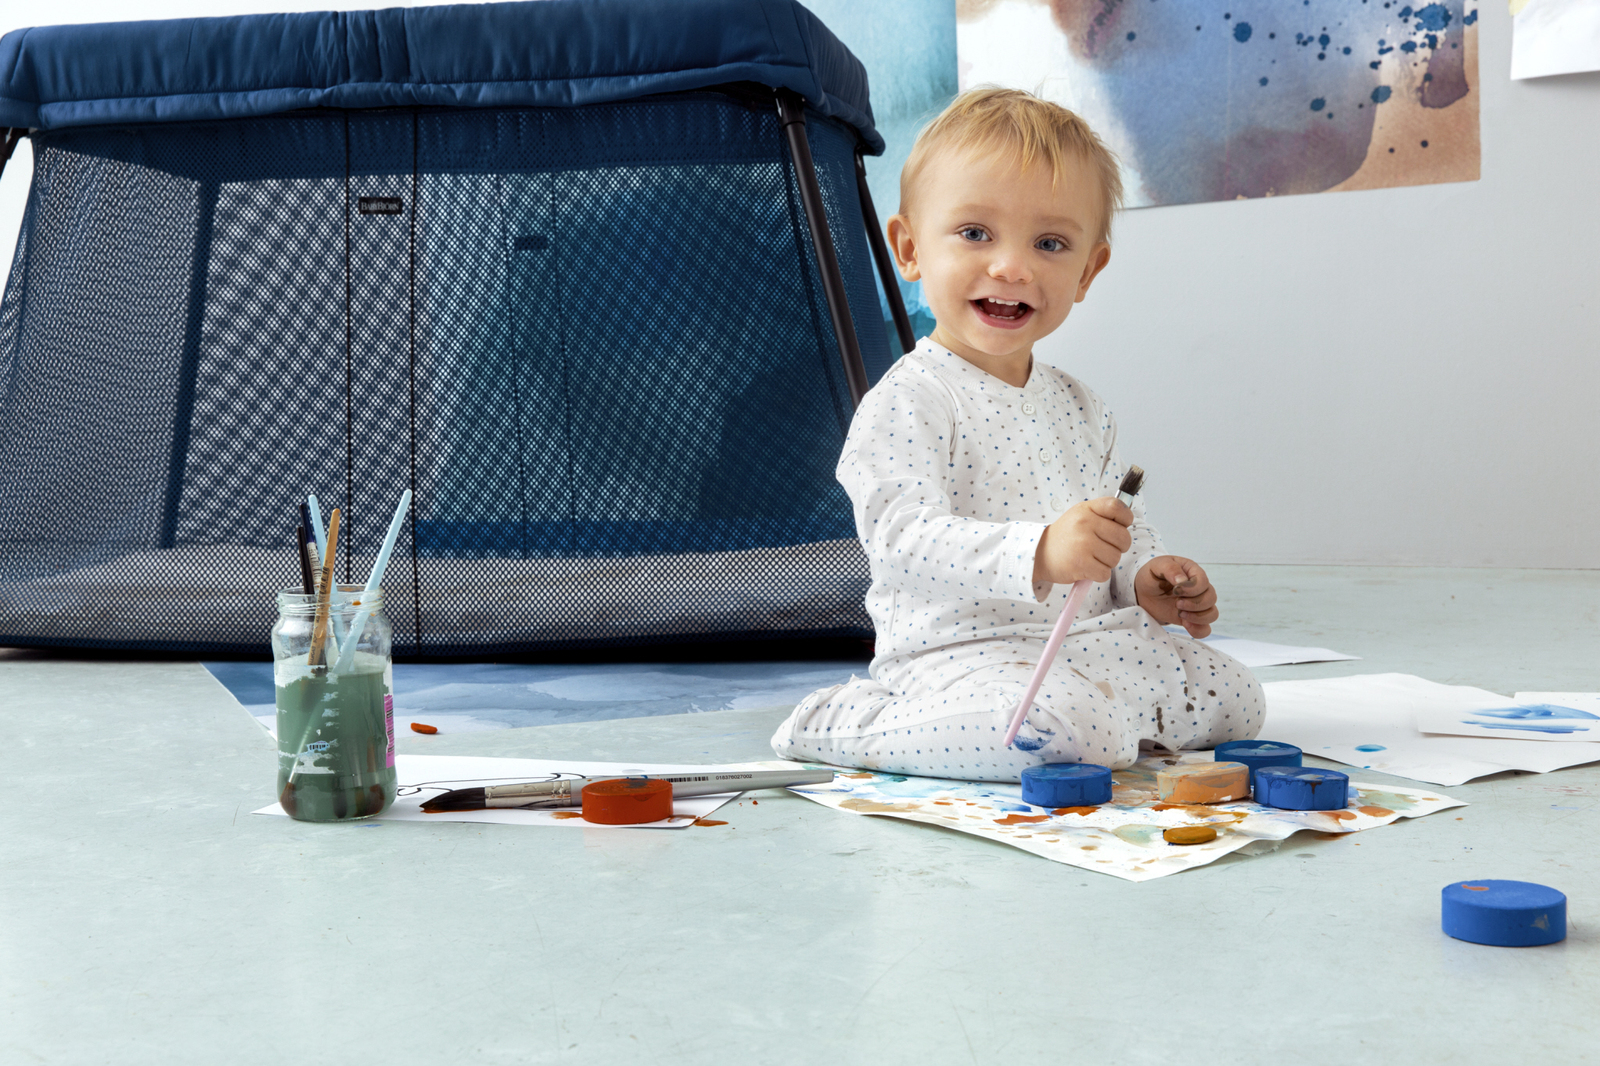 babybjorn travel cot light babyroad. Black Bedroom Furniture Sets. Home Design Ideas